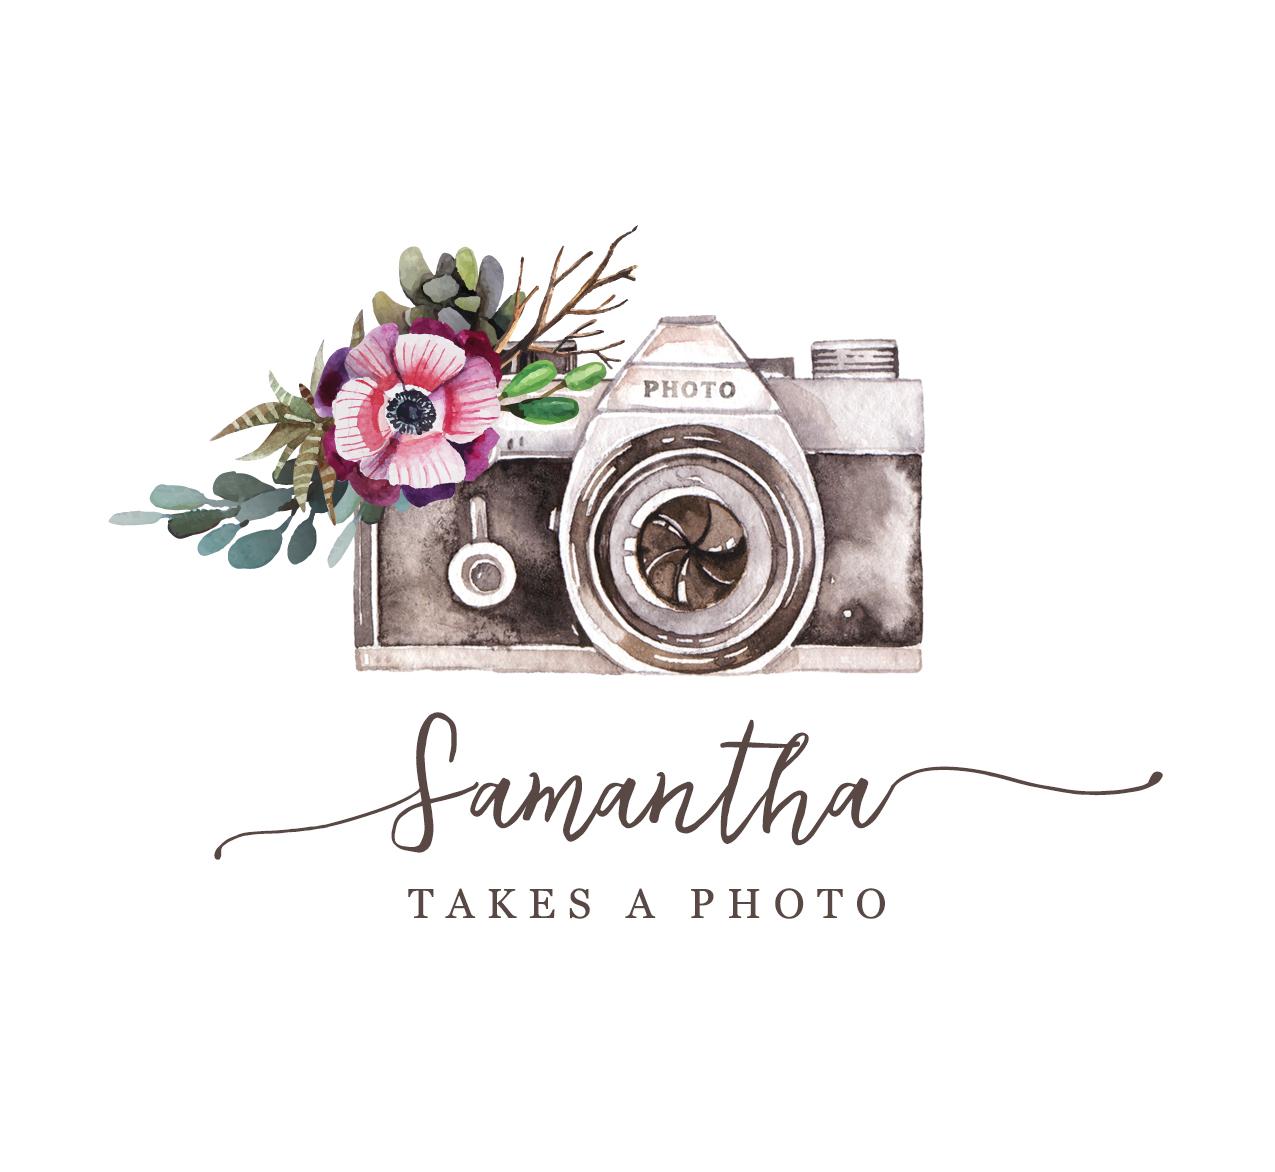 Samantha Takes a Photo